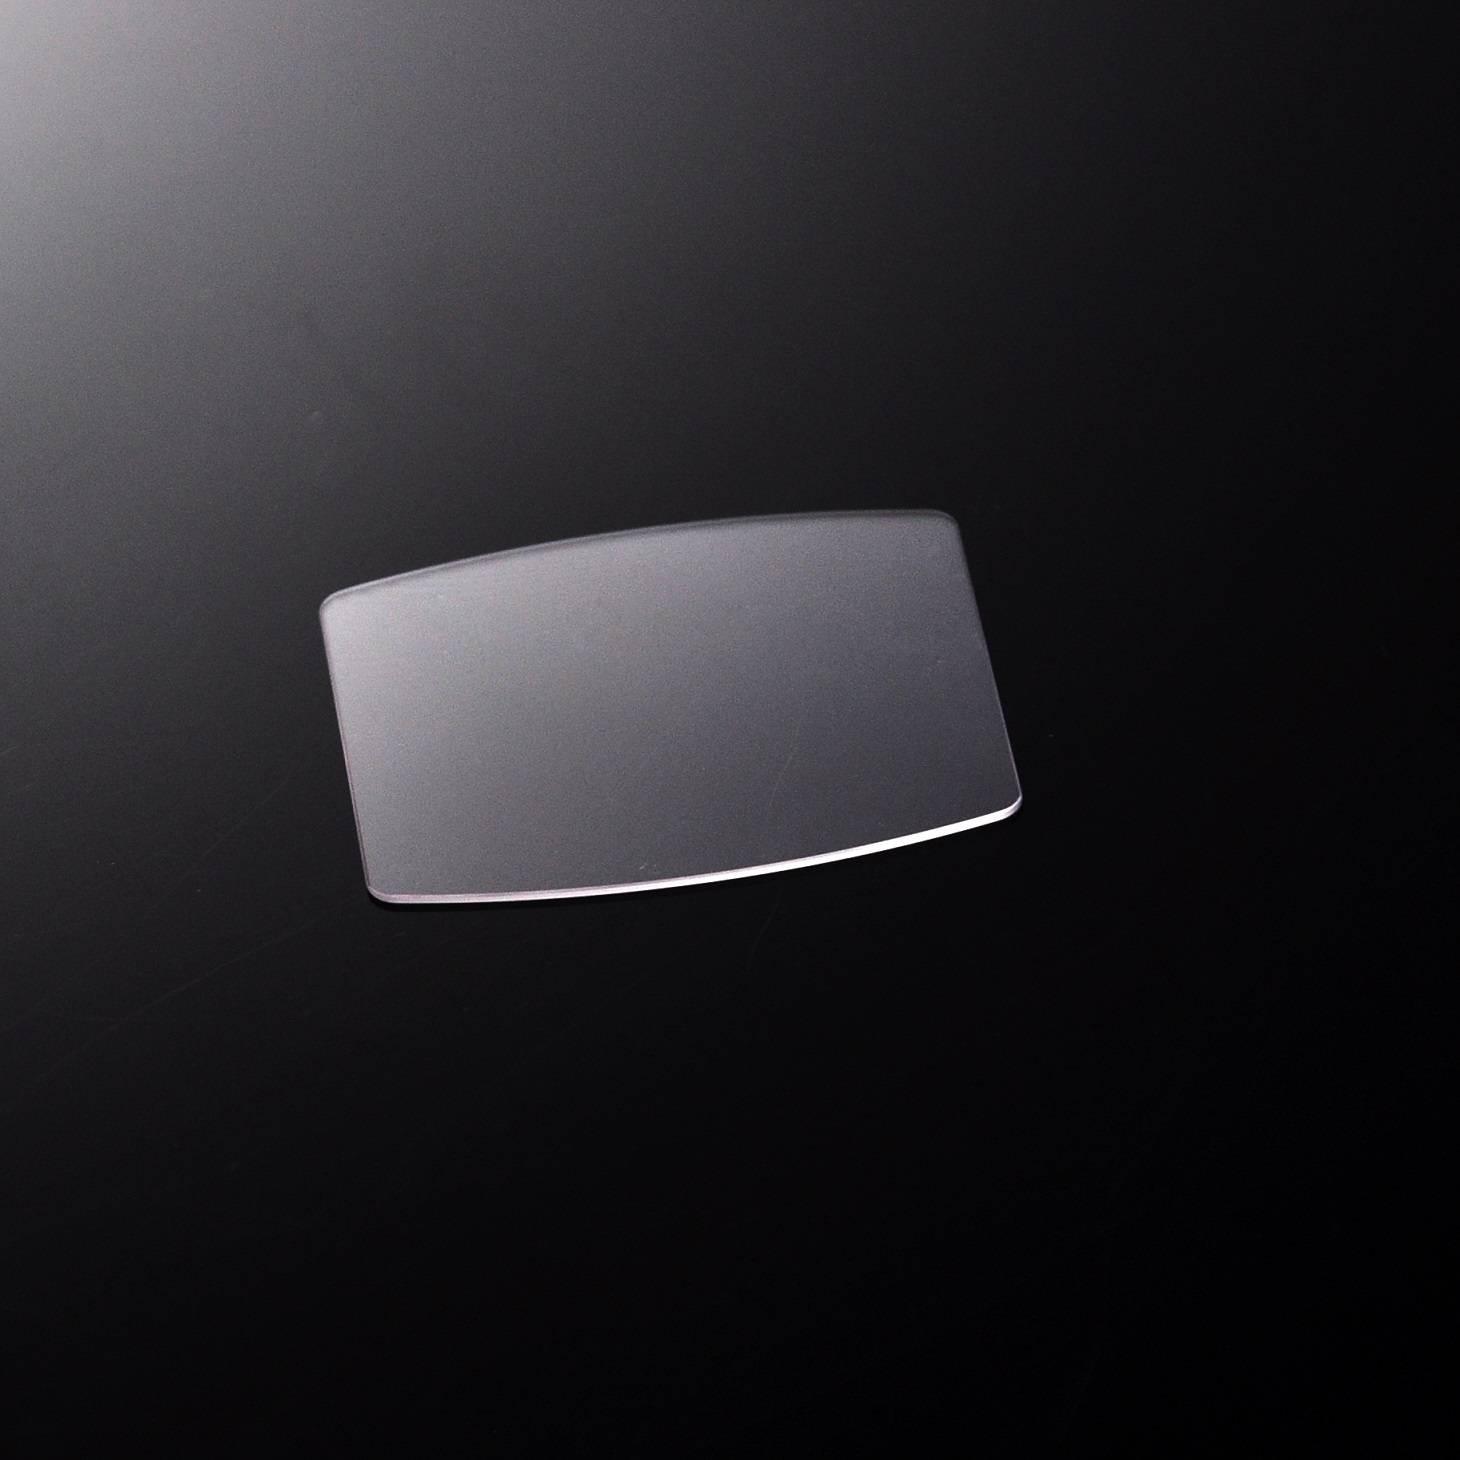 lens glass for camera